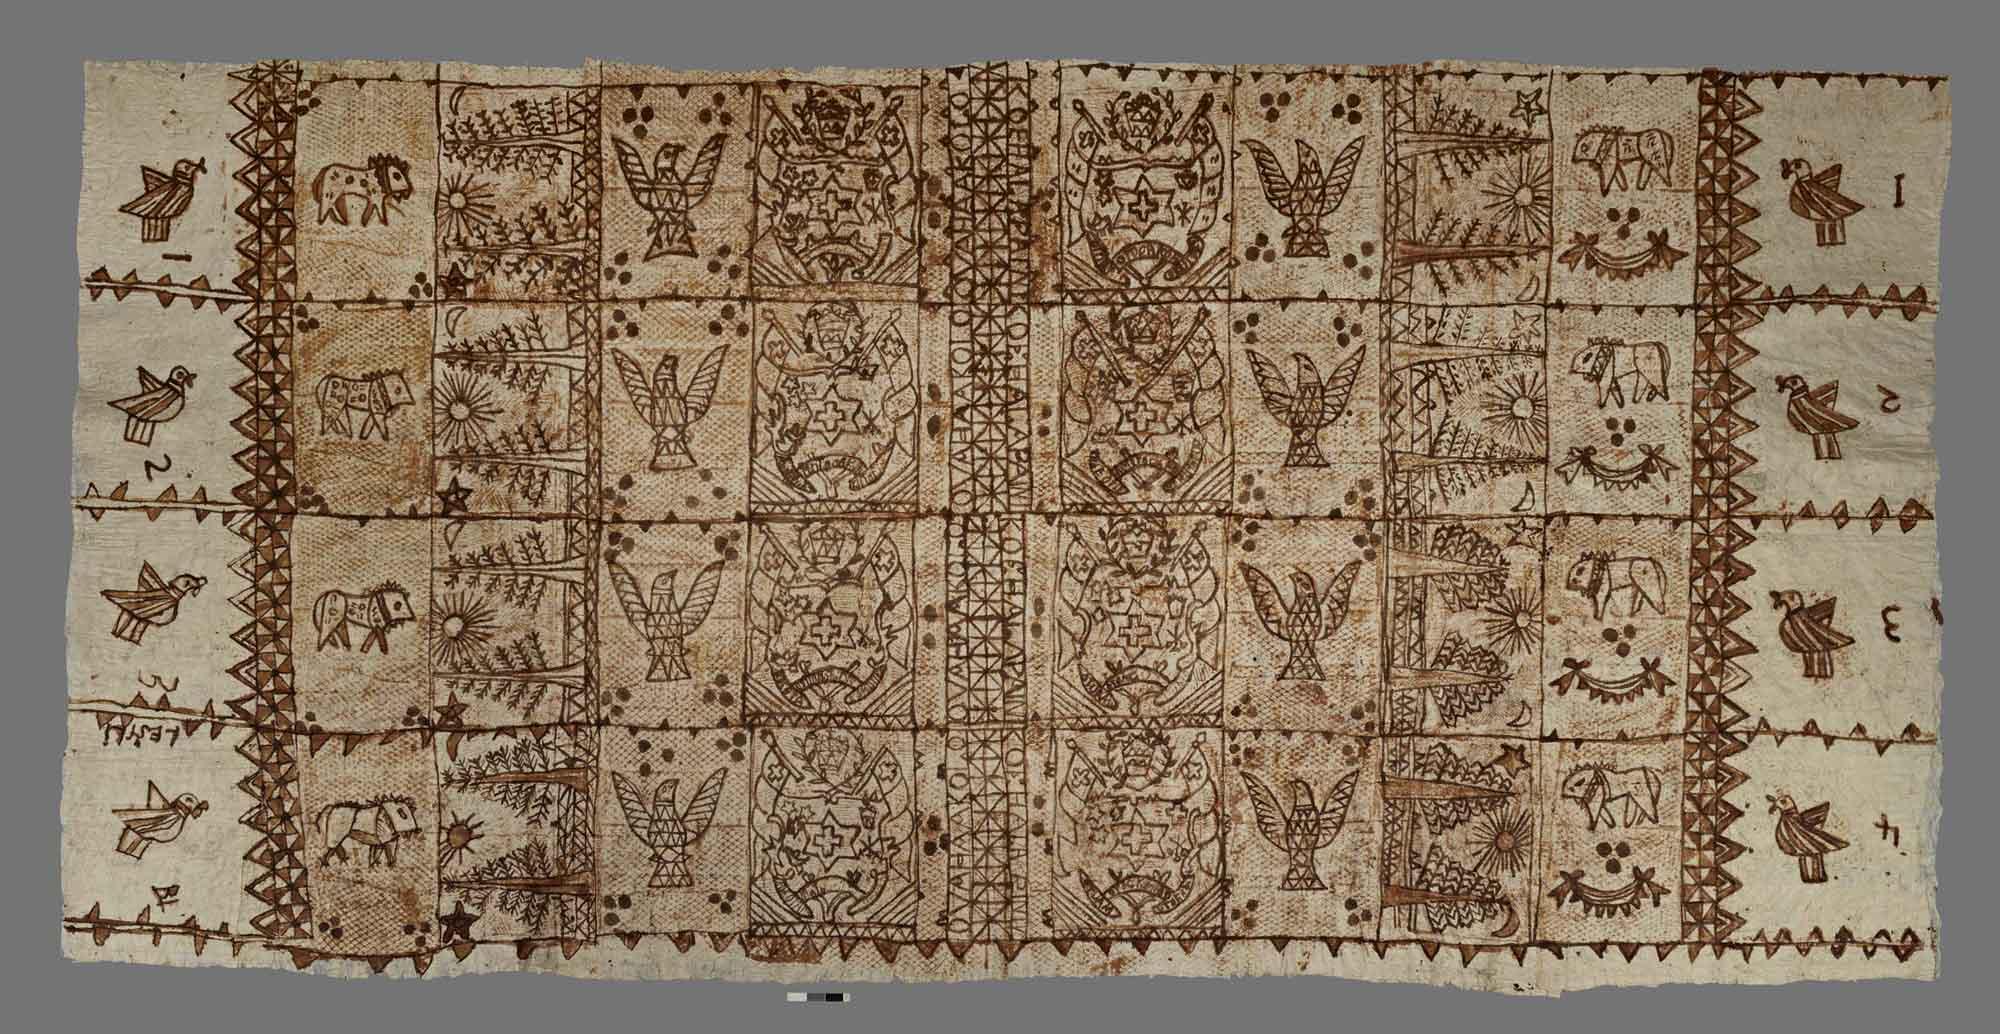 1970 年代出產的東加王國樹皮衣,由構樹樹皮製成,花紋內容包含東加社會重視的動物、植物以及國徽。圖│The British Museum (CC BY-NC-SA 4.0)